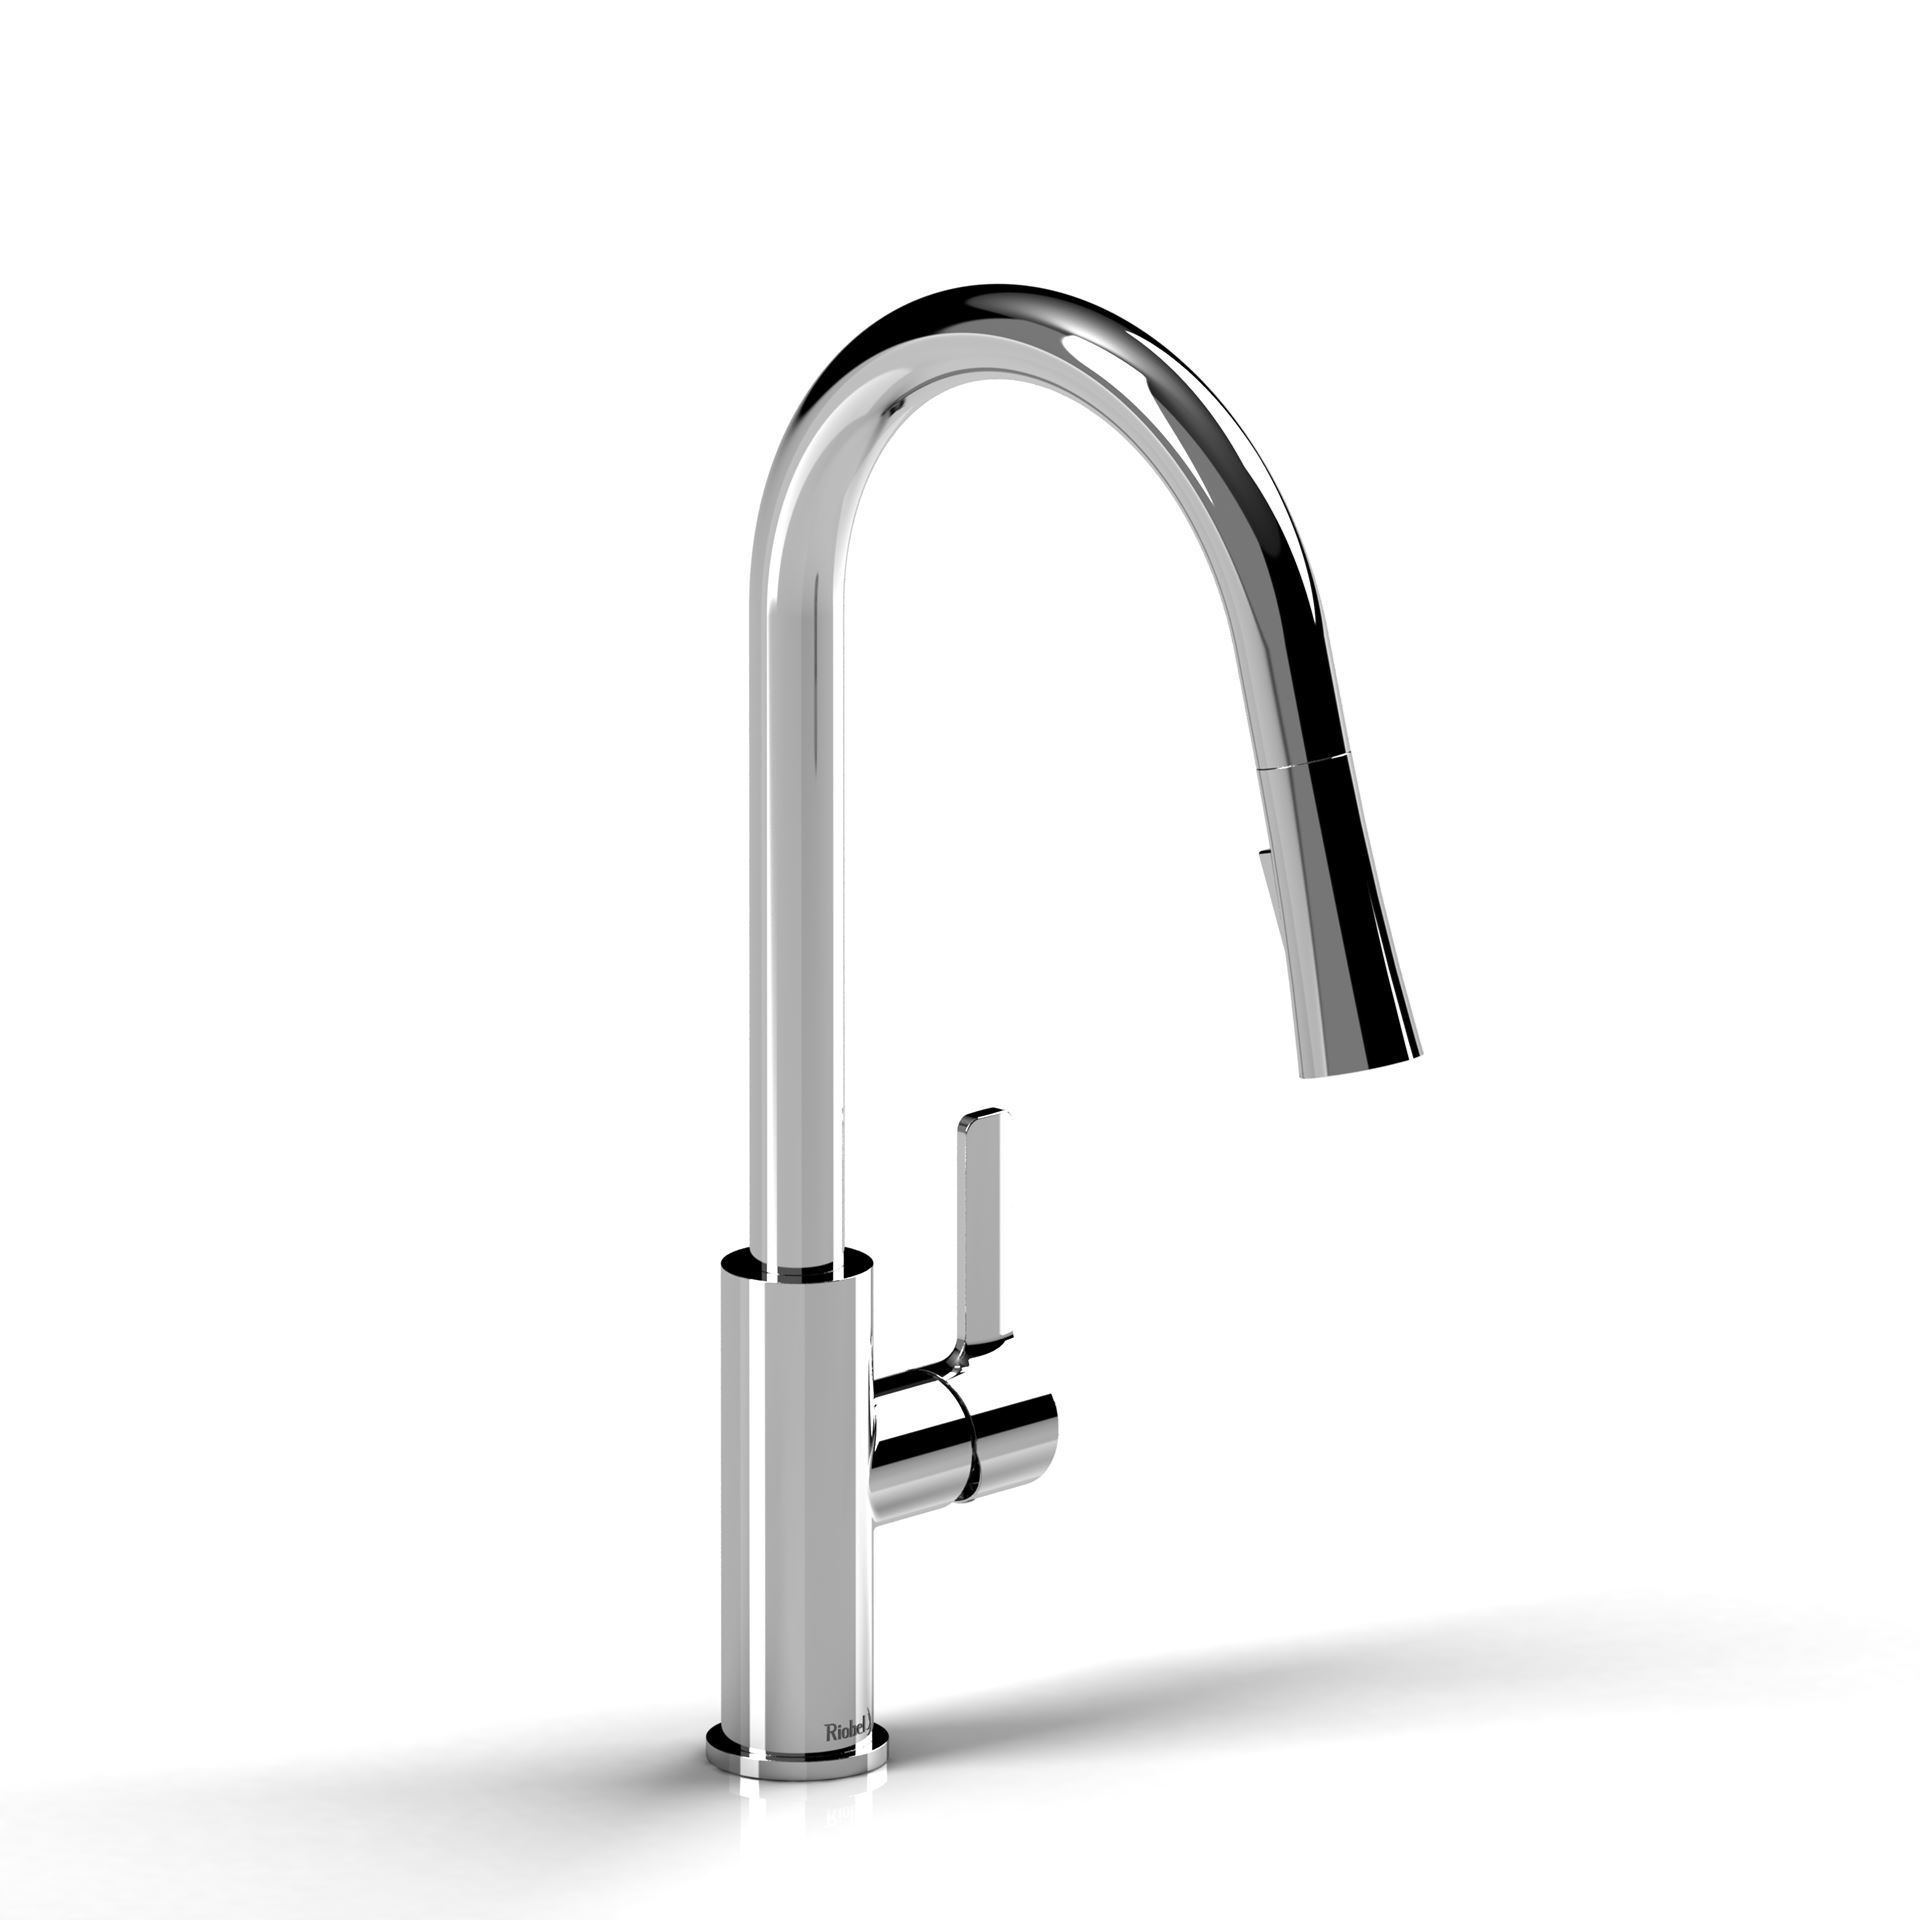 Pronto robinet cuisine col de cygne chrome centre d - Liquidation robinet cuisine ...